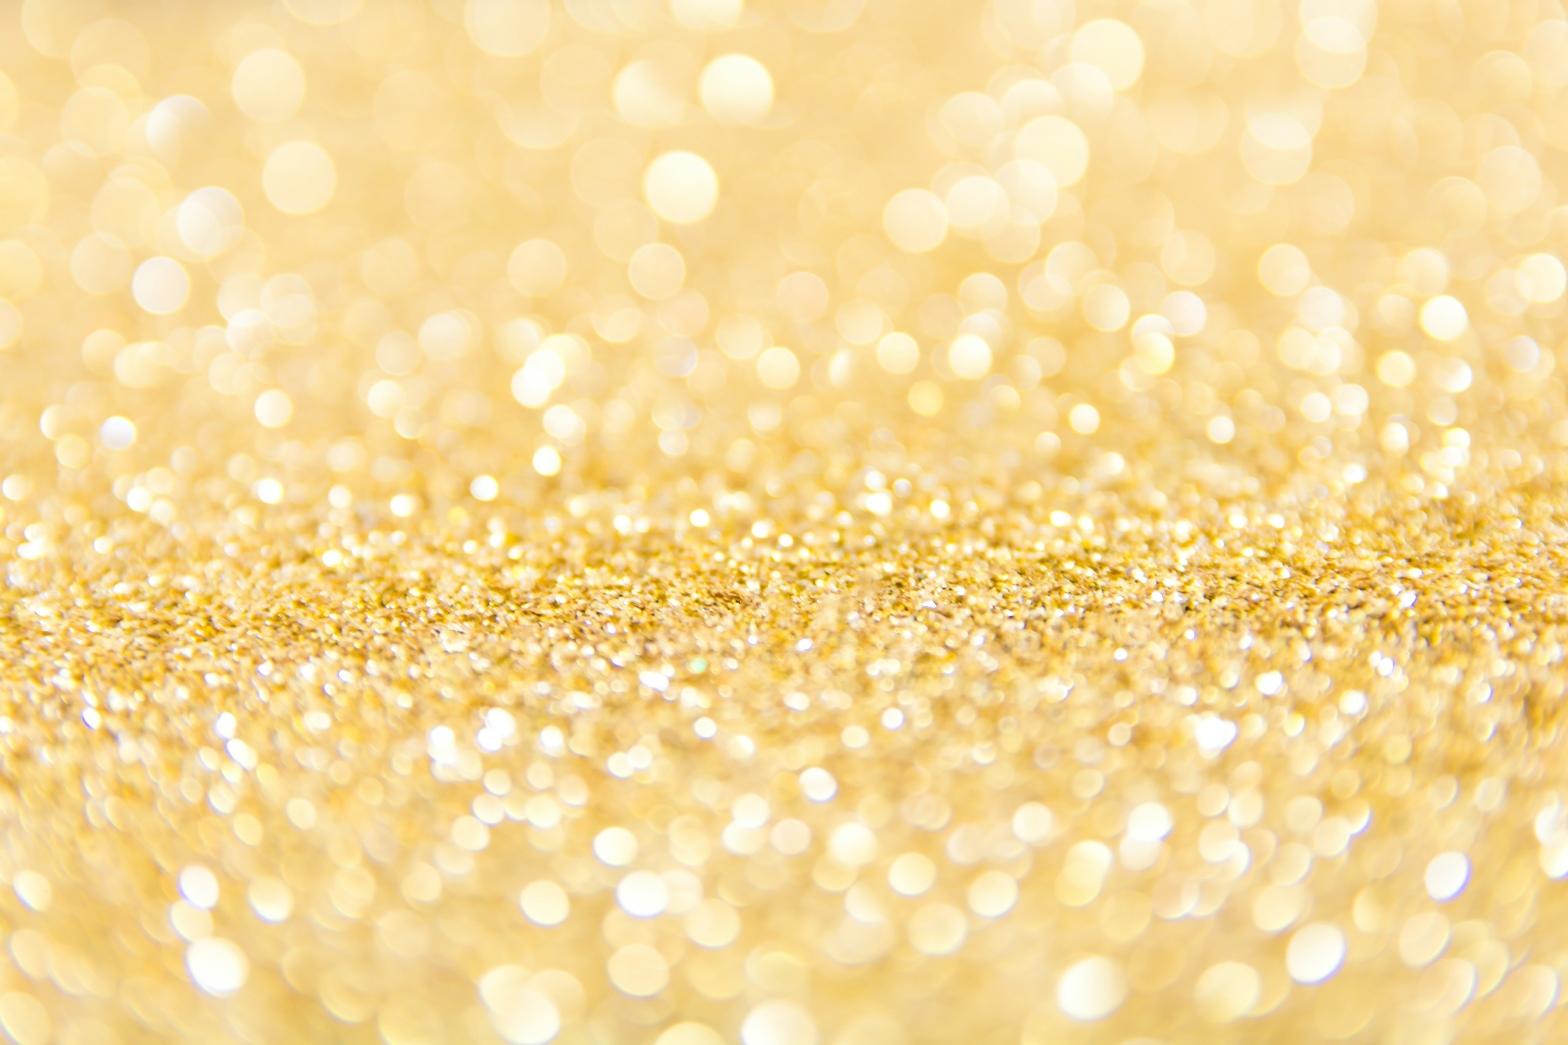 Golden_vibes_golden_era